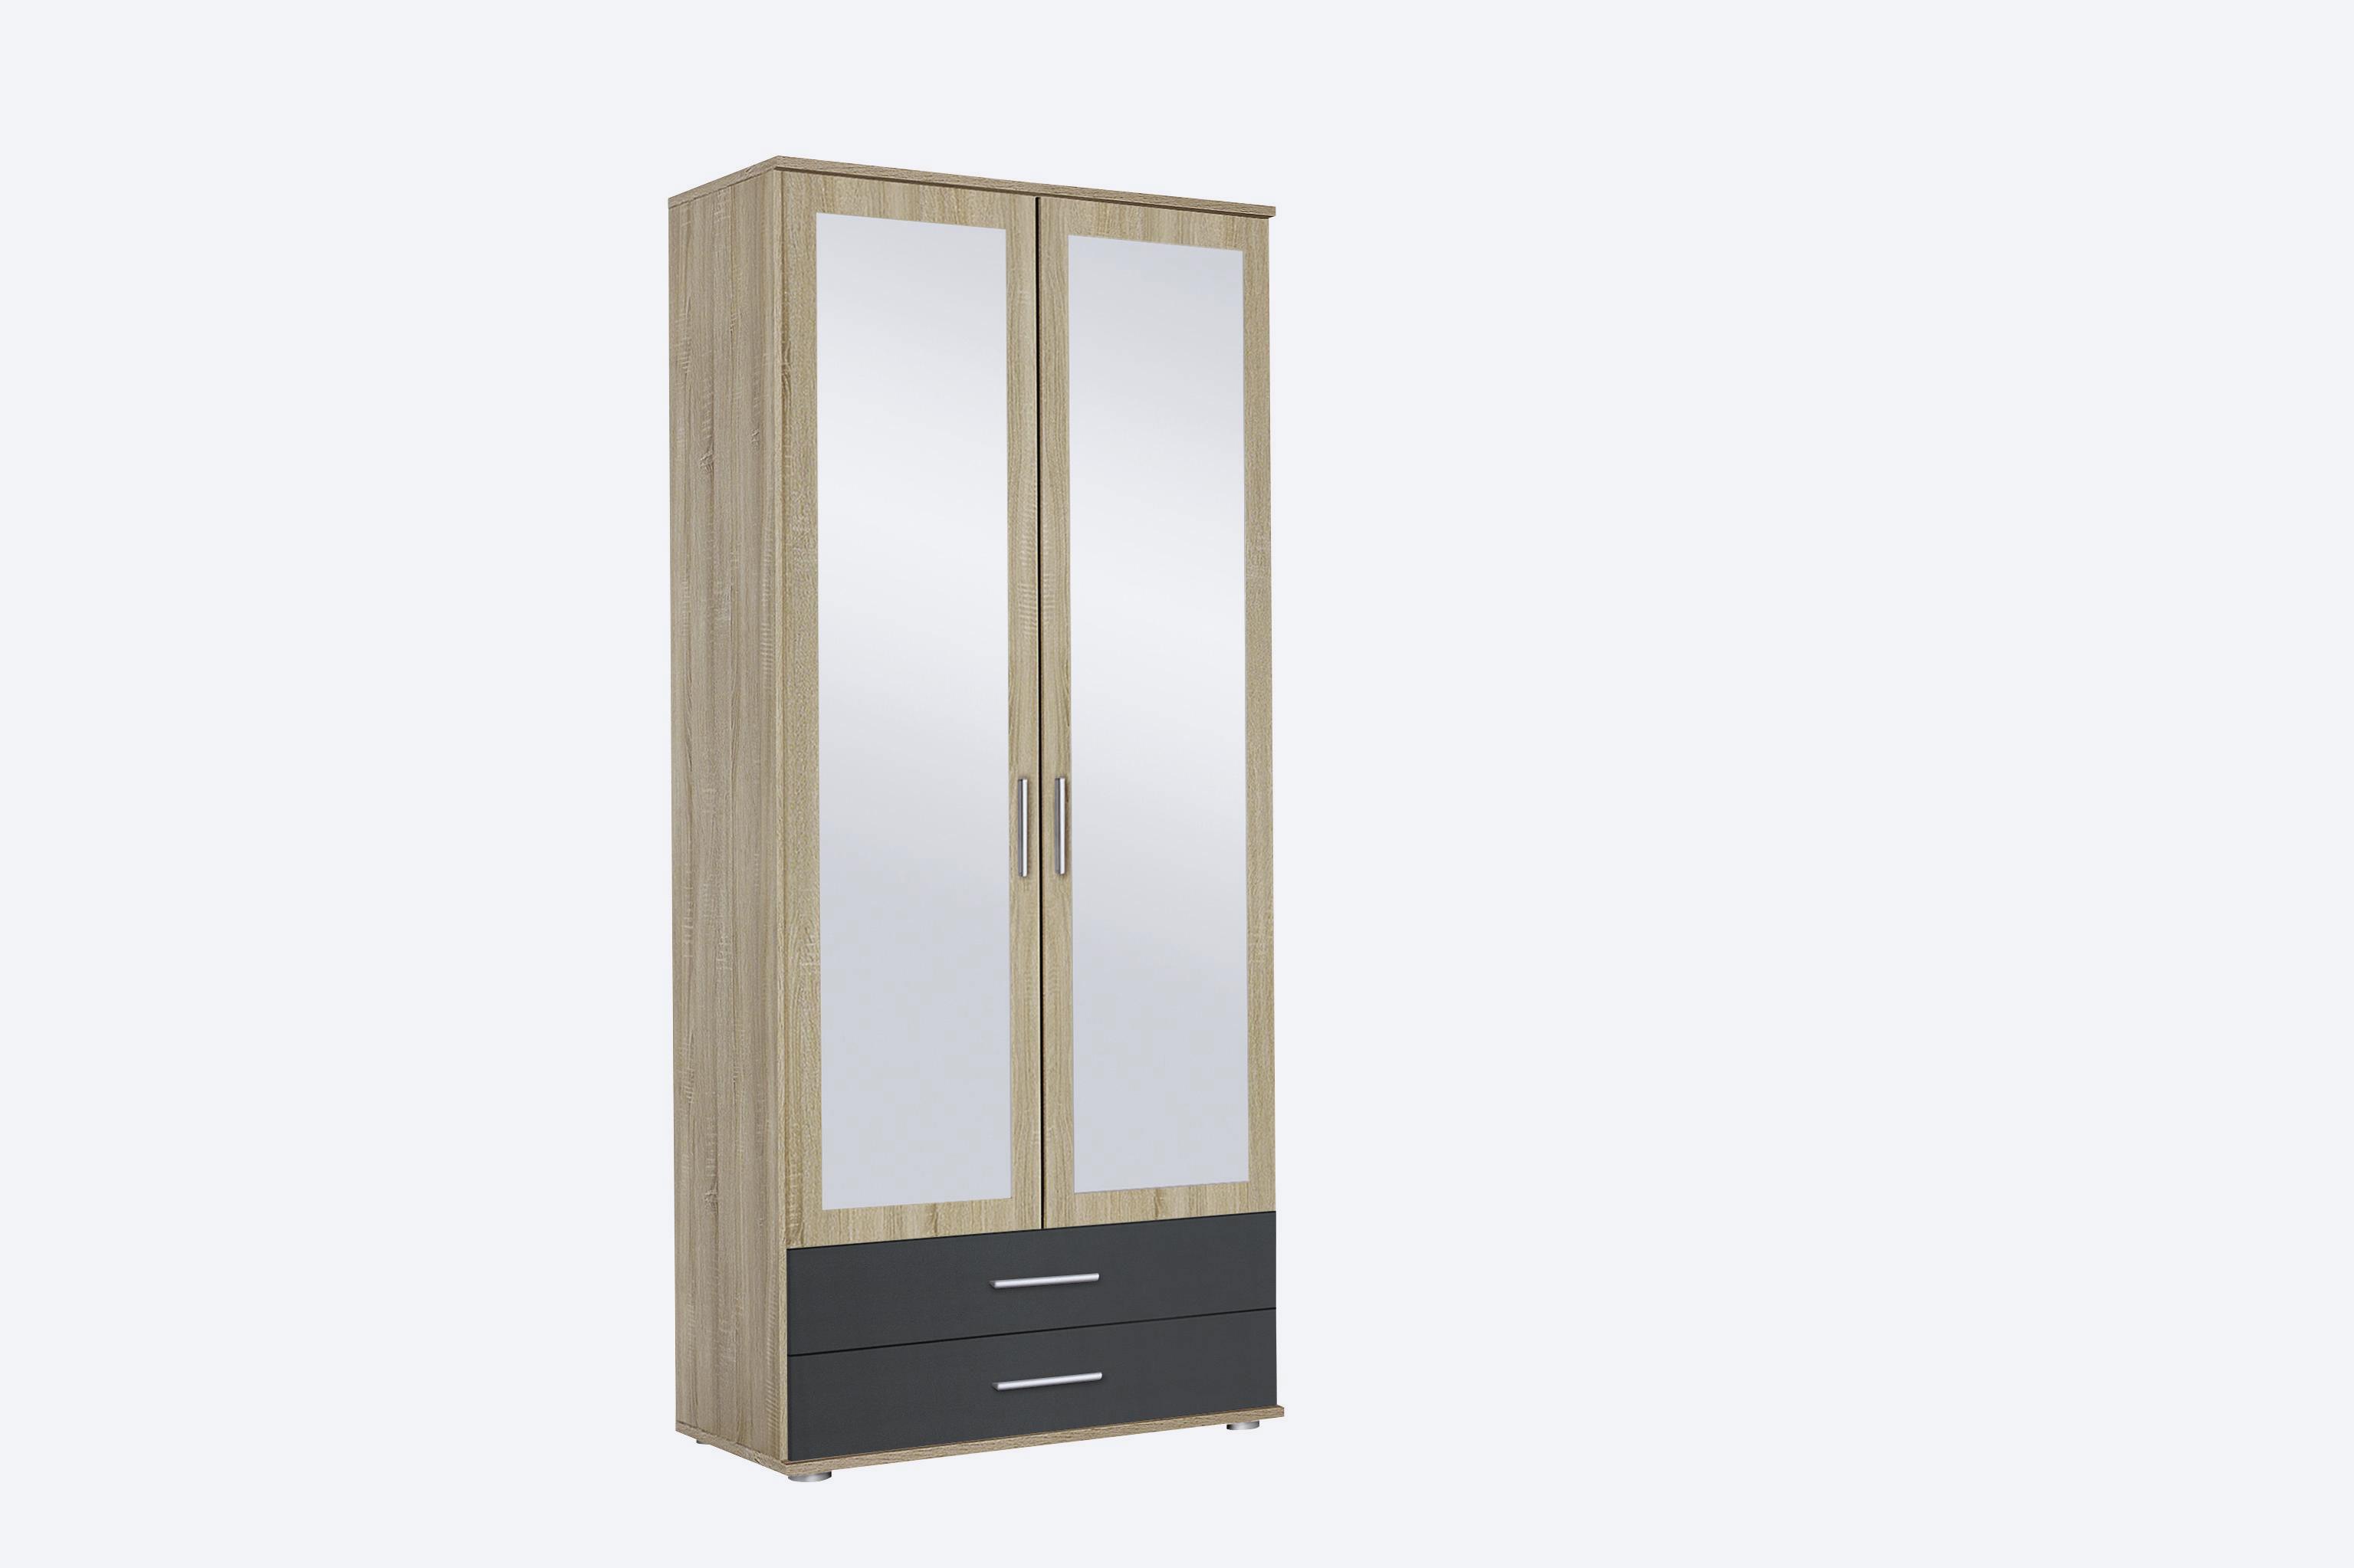 Armoire contemporaine 85 cm chêne/anthracite Lazaro